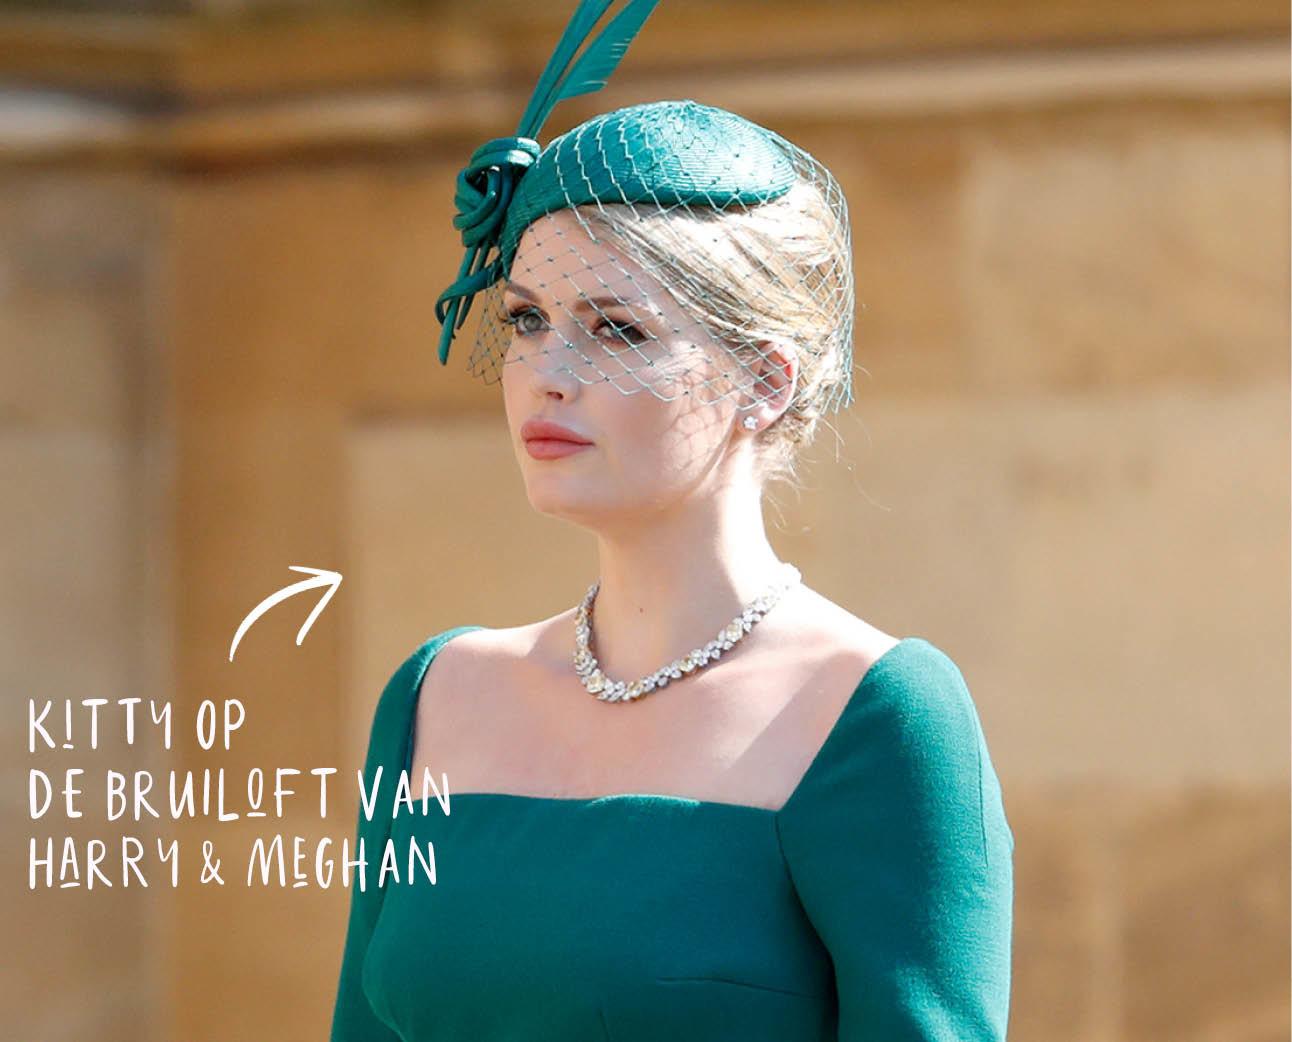 lady kitty spencer op de bruiloft van prins harry & meghan markle in een groene jurk met een haarstuk